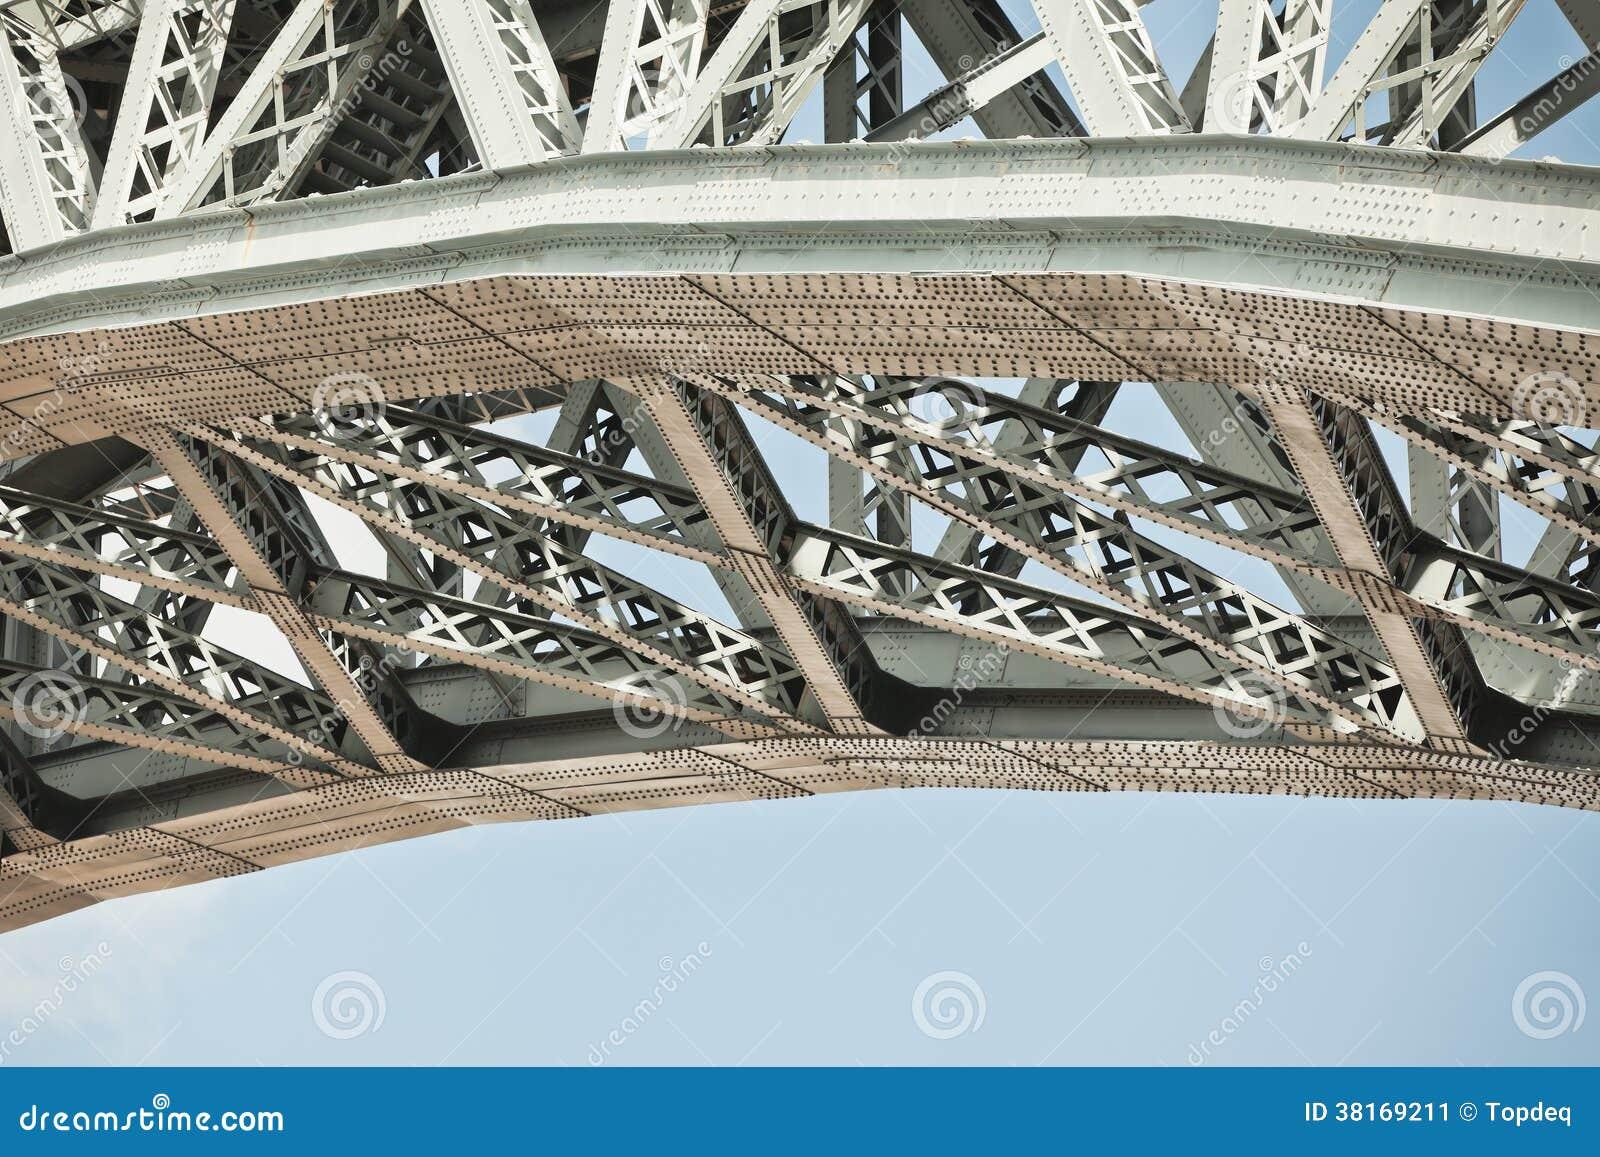 Brücken-Rahmen-Nahaufnahme stockbild. Bild von eisen - 38169211